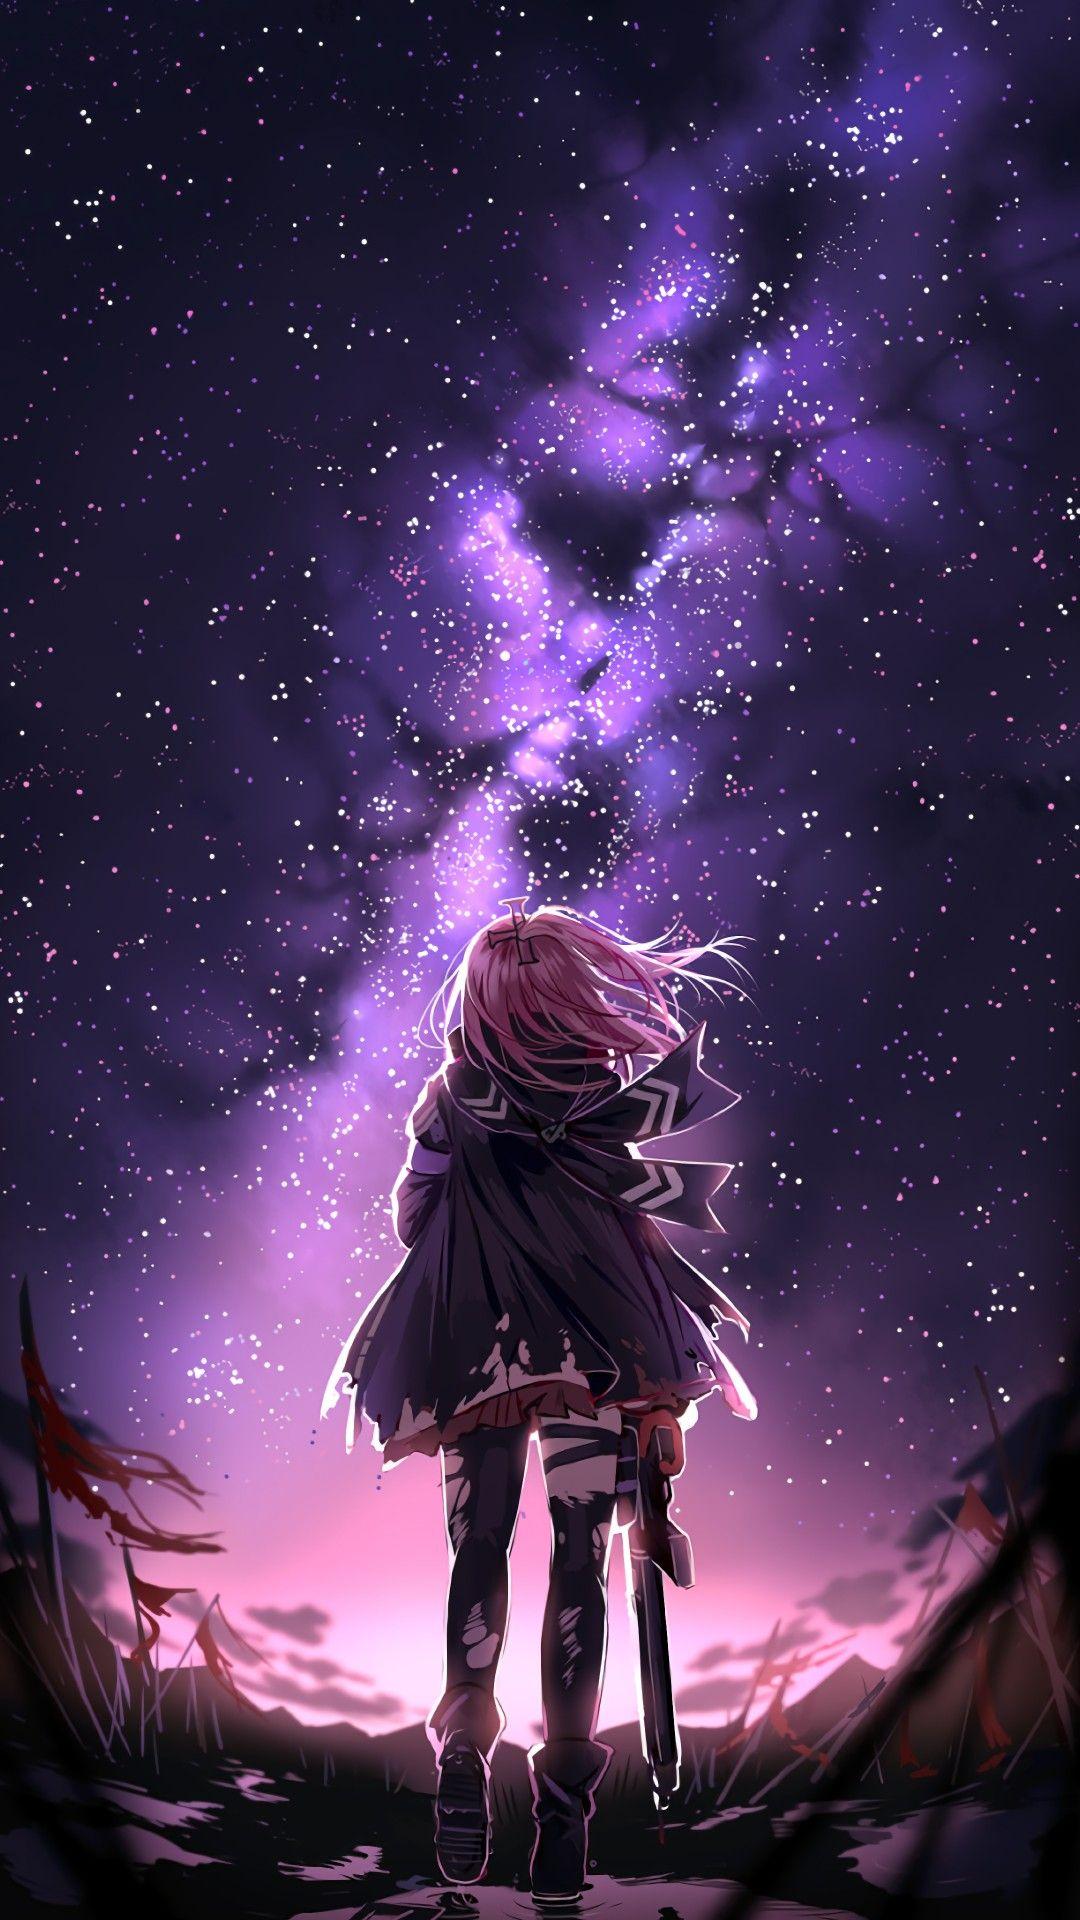 Pin On Weeb Anime galaxy wallpaper 4k